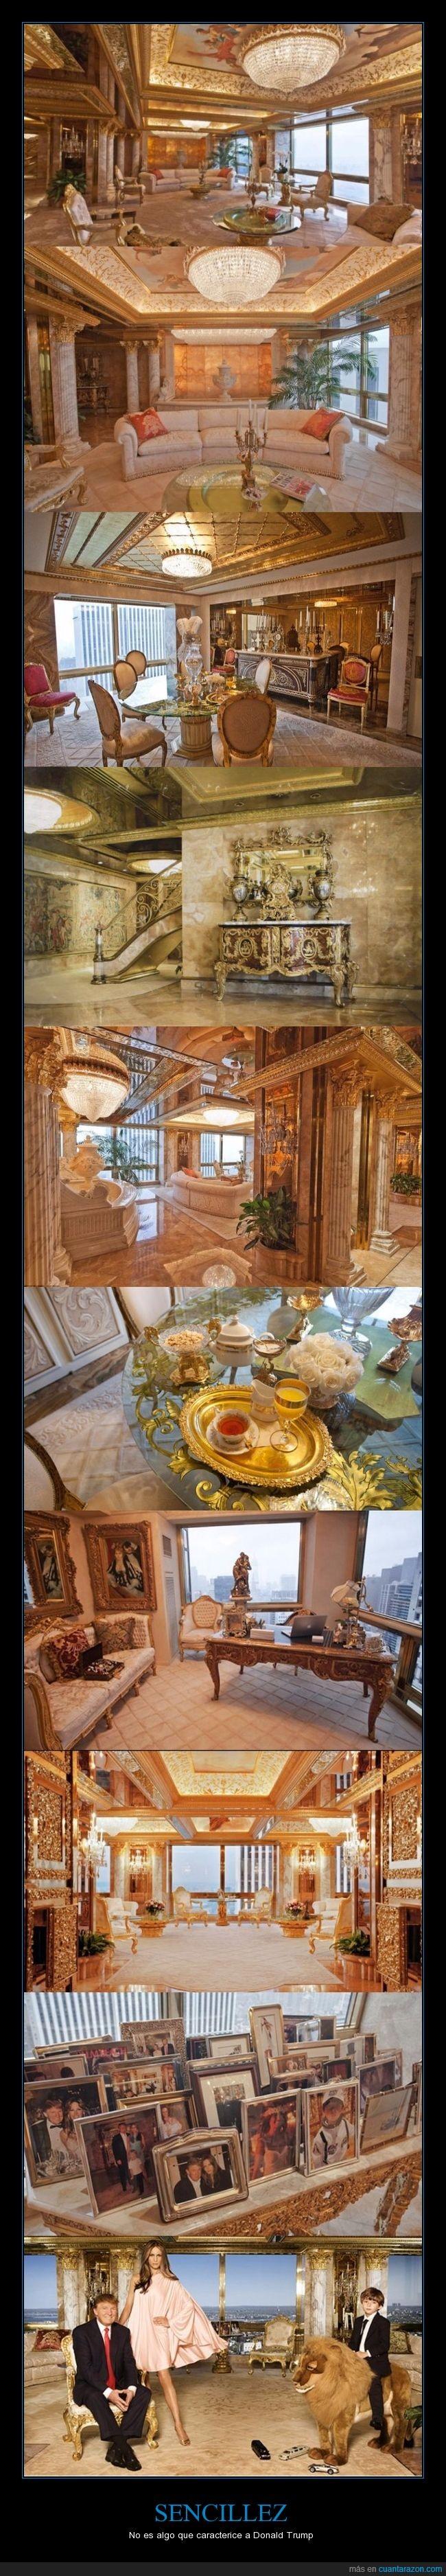 casa en nyc,espejos,hortera,mansión,oro